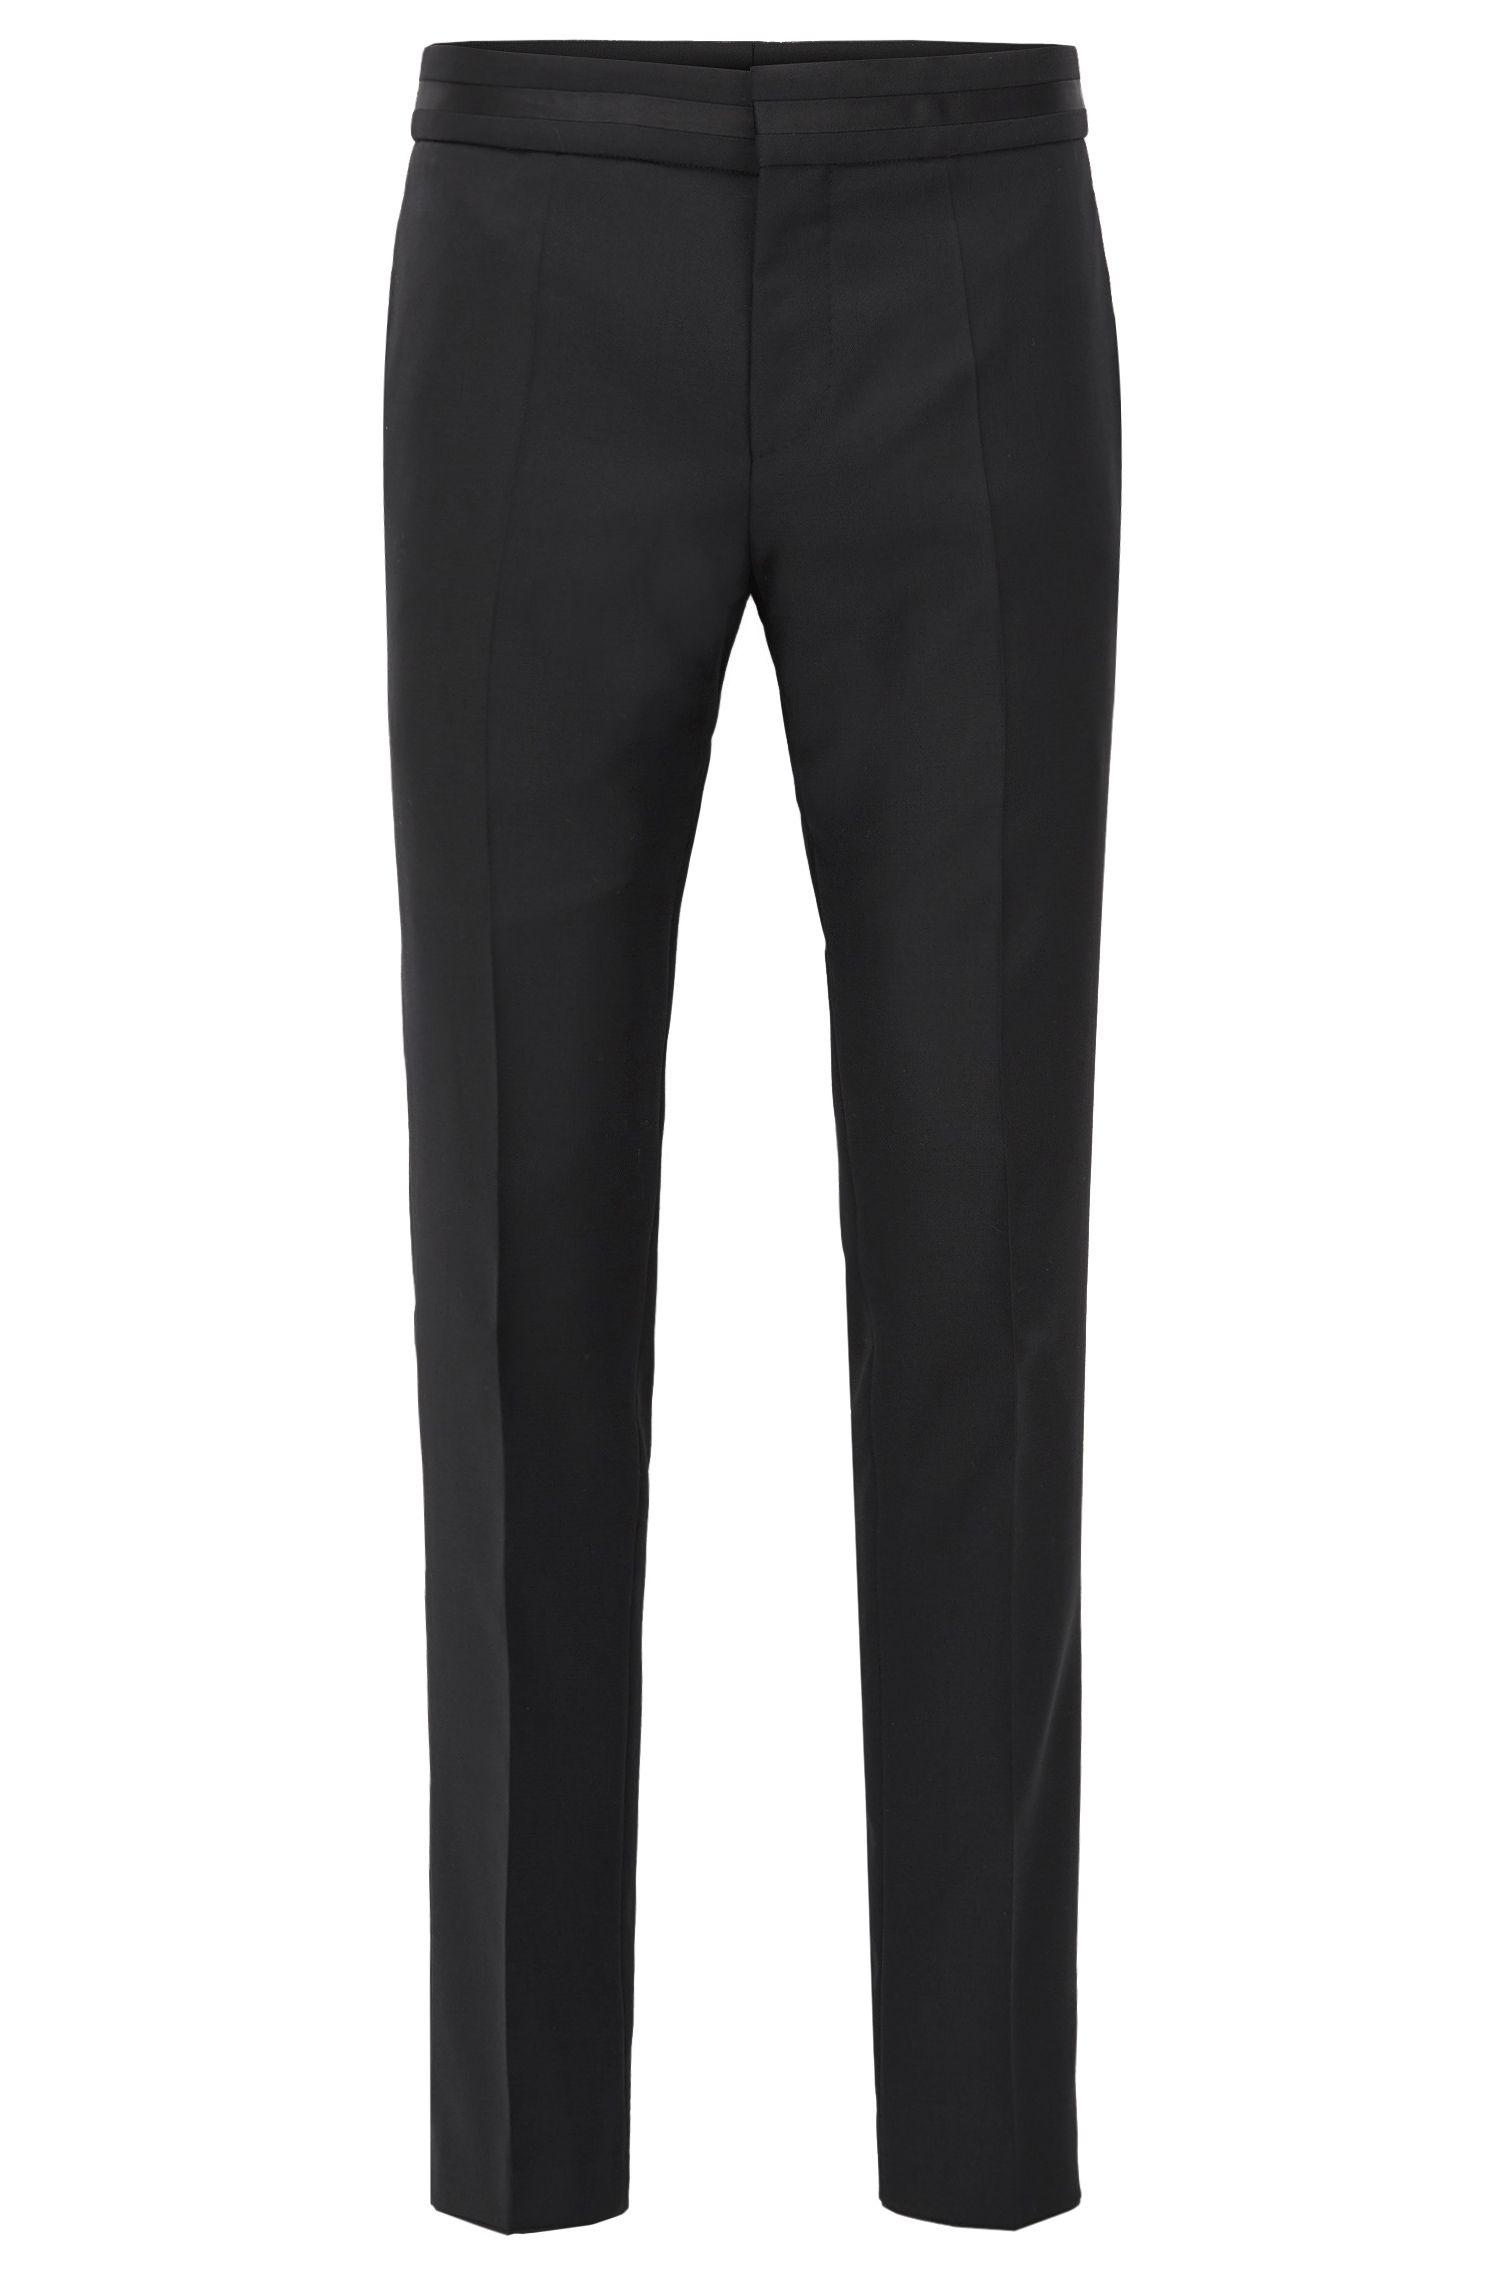 Pantaloni formali slim fit in lana vergine